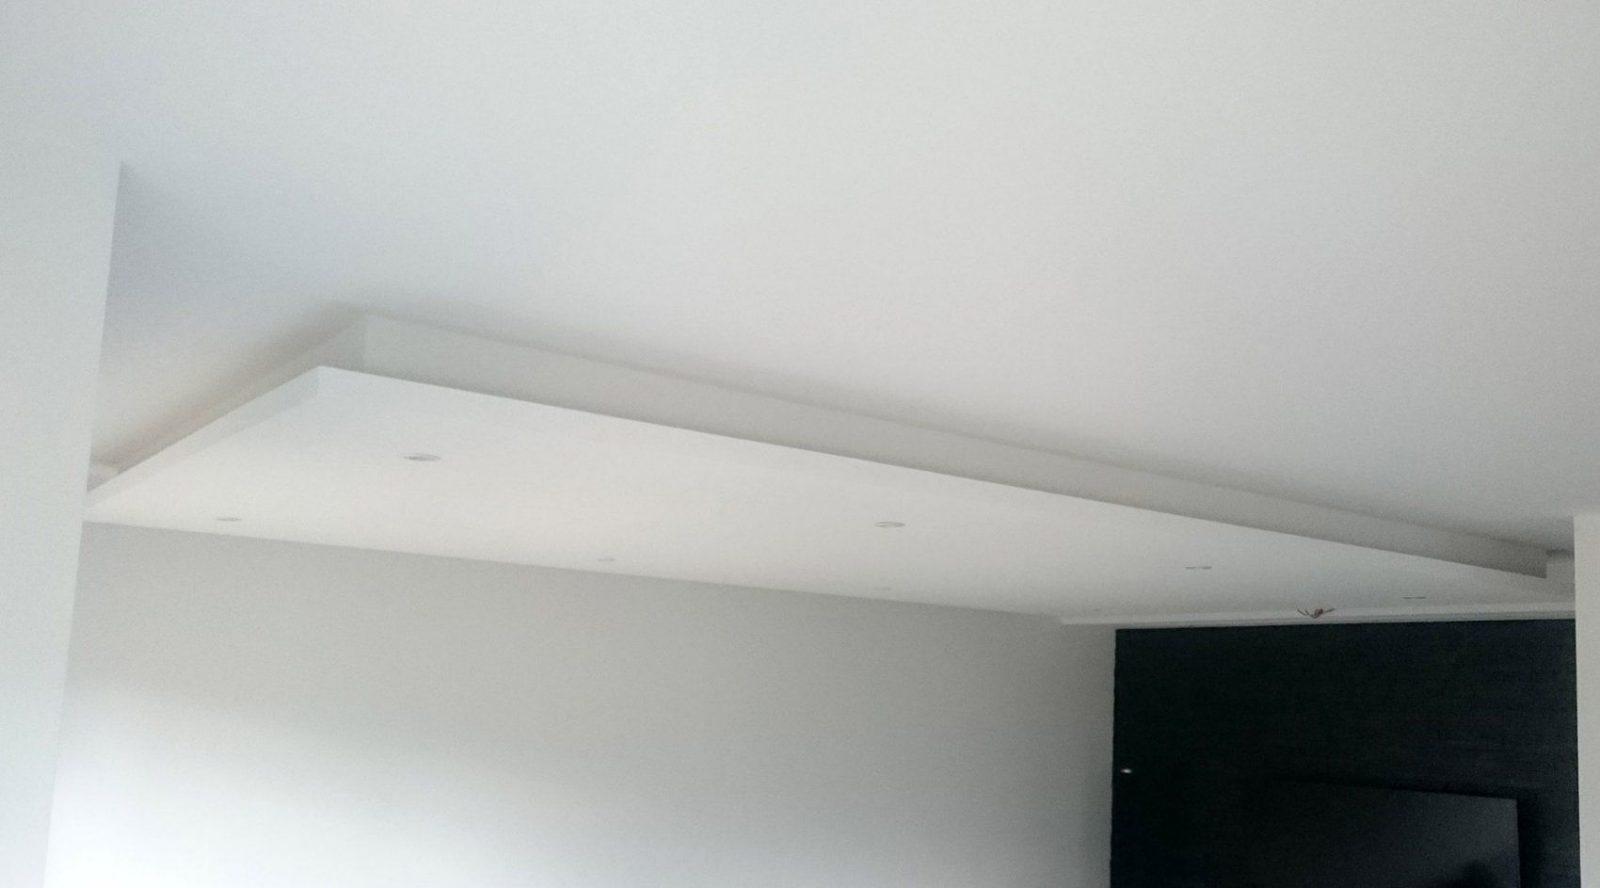 Abgehängte Decke Mit Indirekter Beleuchtung (Lichtvouten) Selber Machen von Indirekte Wandbeleuchtung Selber Bauen Photo